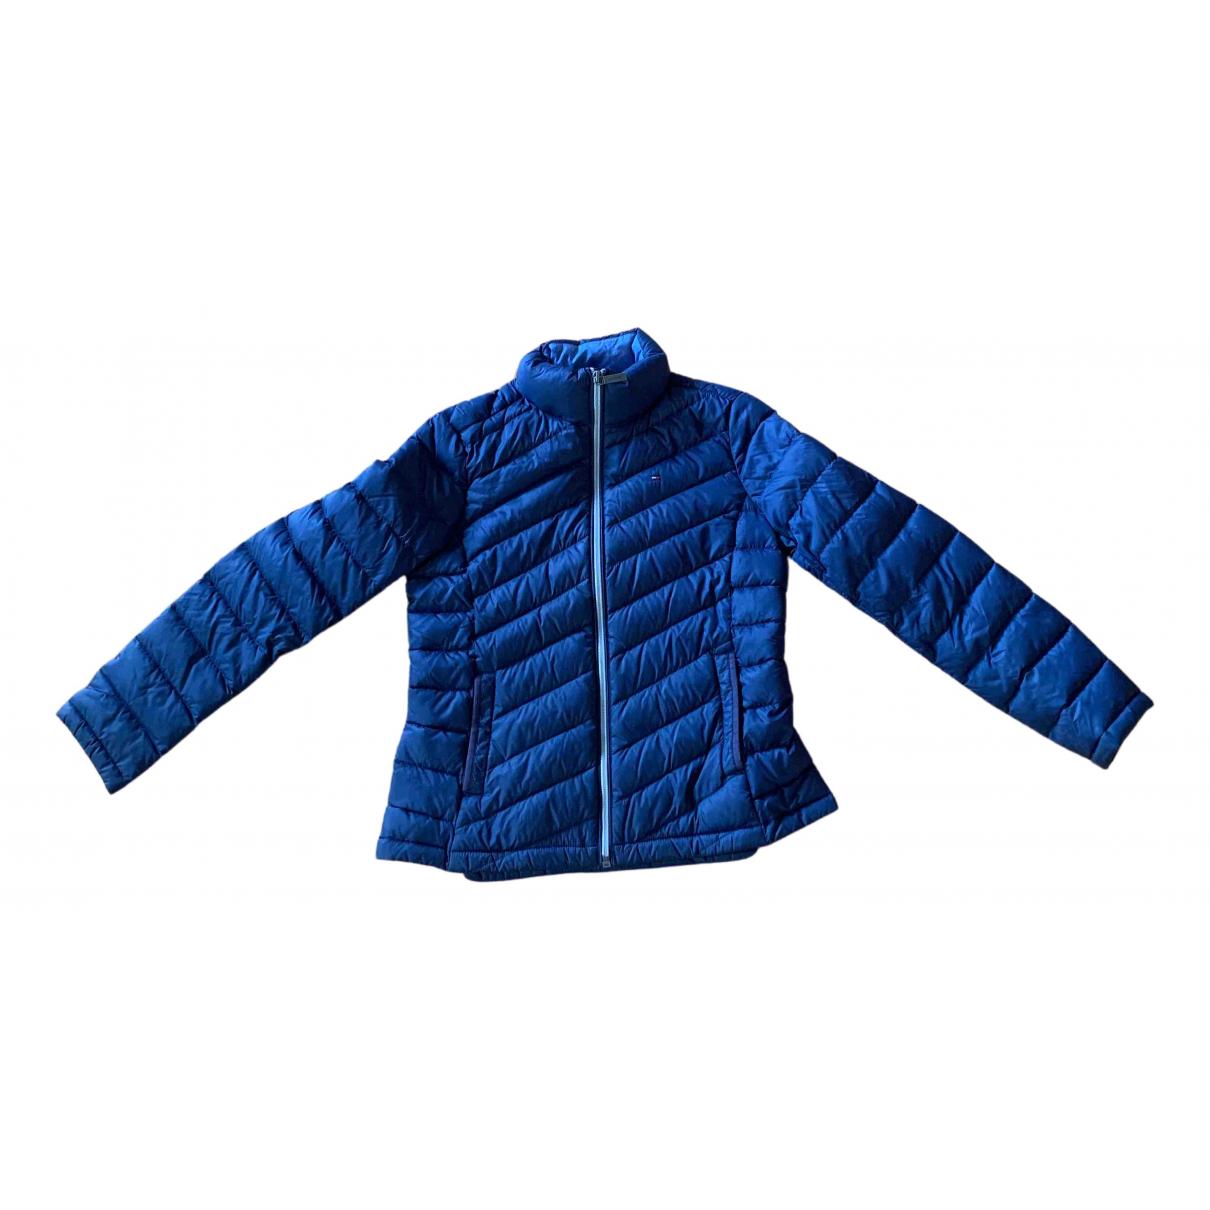 Tommy Hilfiger - Blousons.Manteaux   pour enfant - bleu